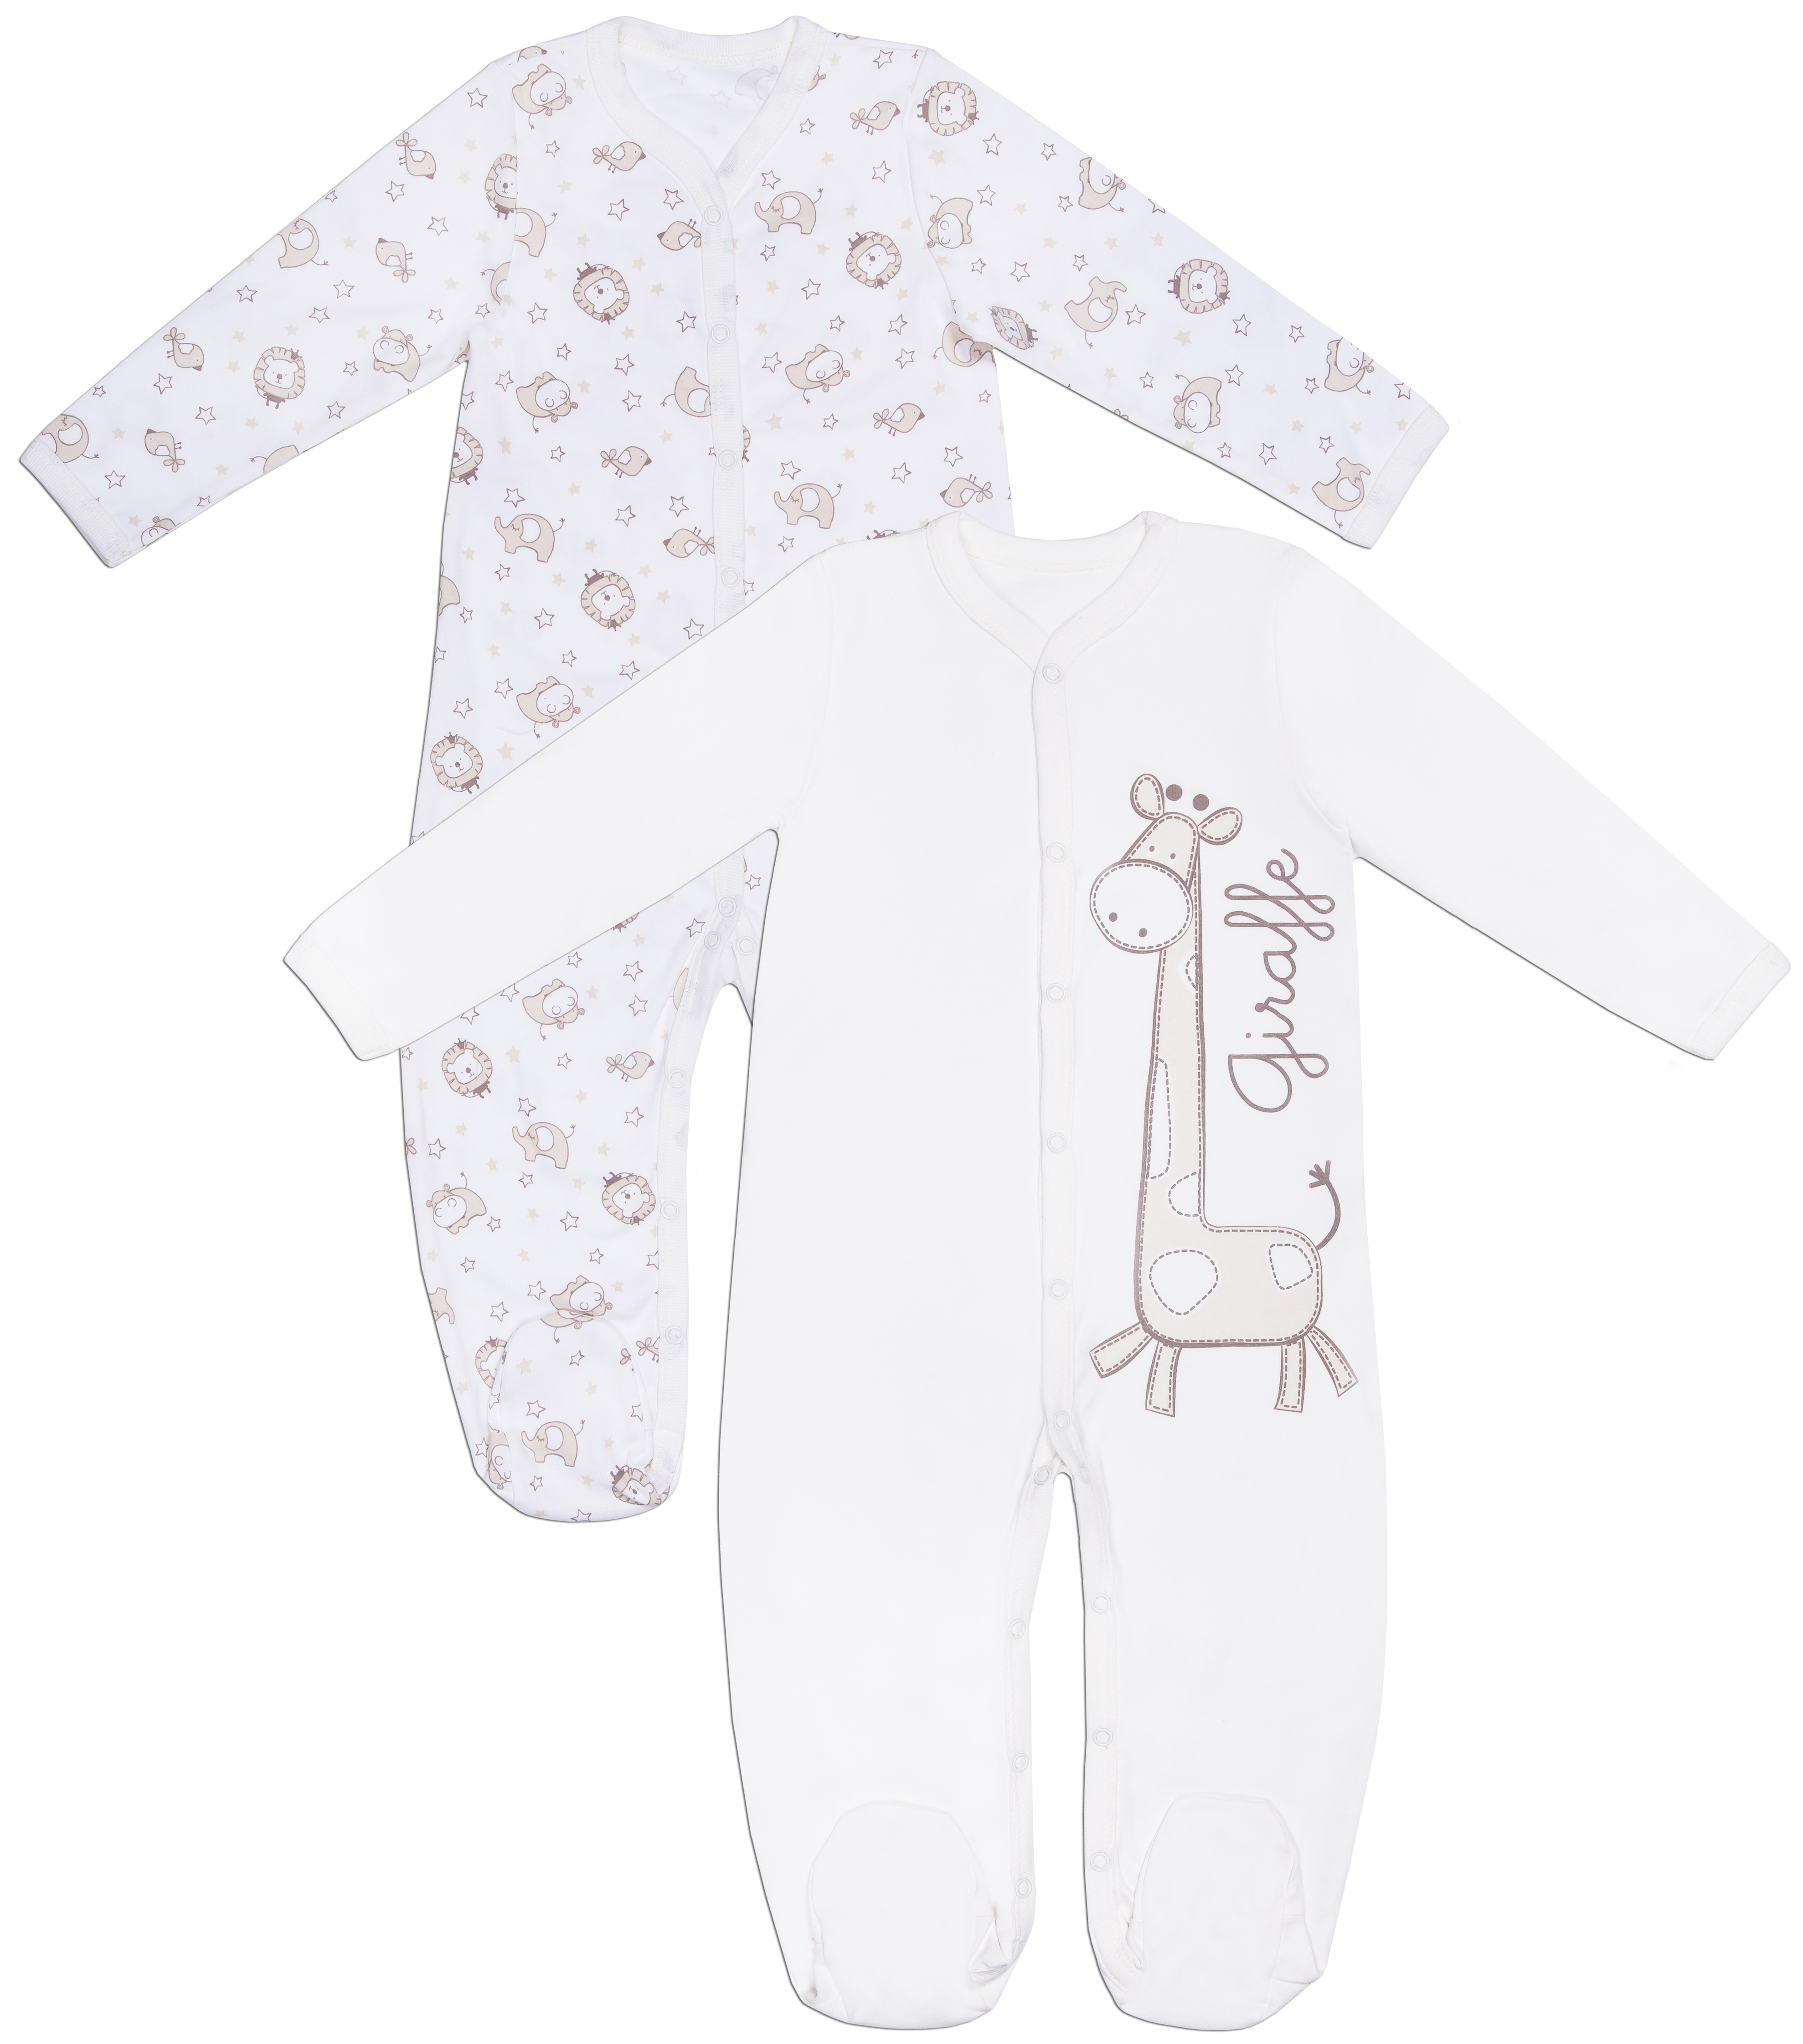 Купить Первые вещи новорожденного, Бегемотики, Barkito, Россия, экрю с рисунком /экрю